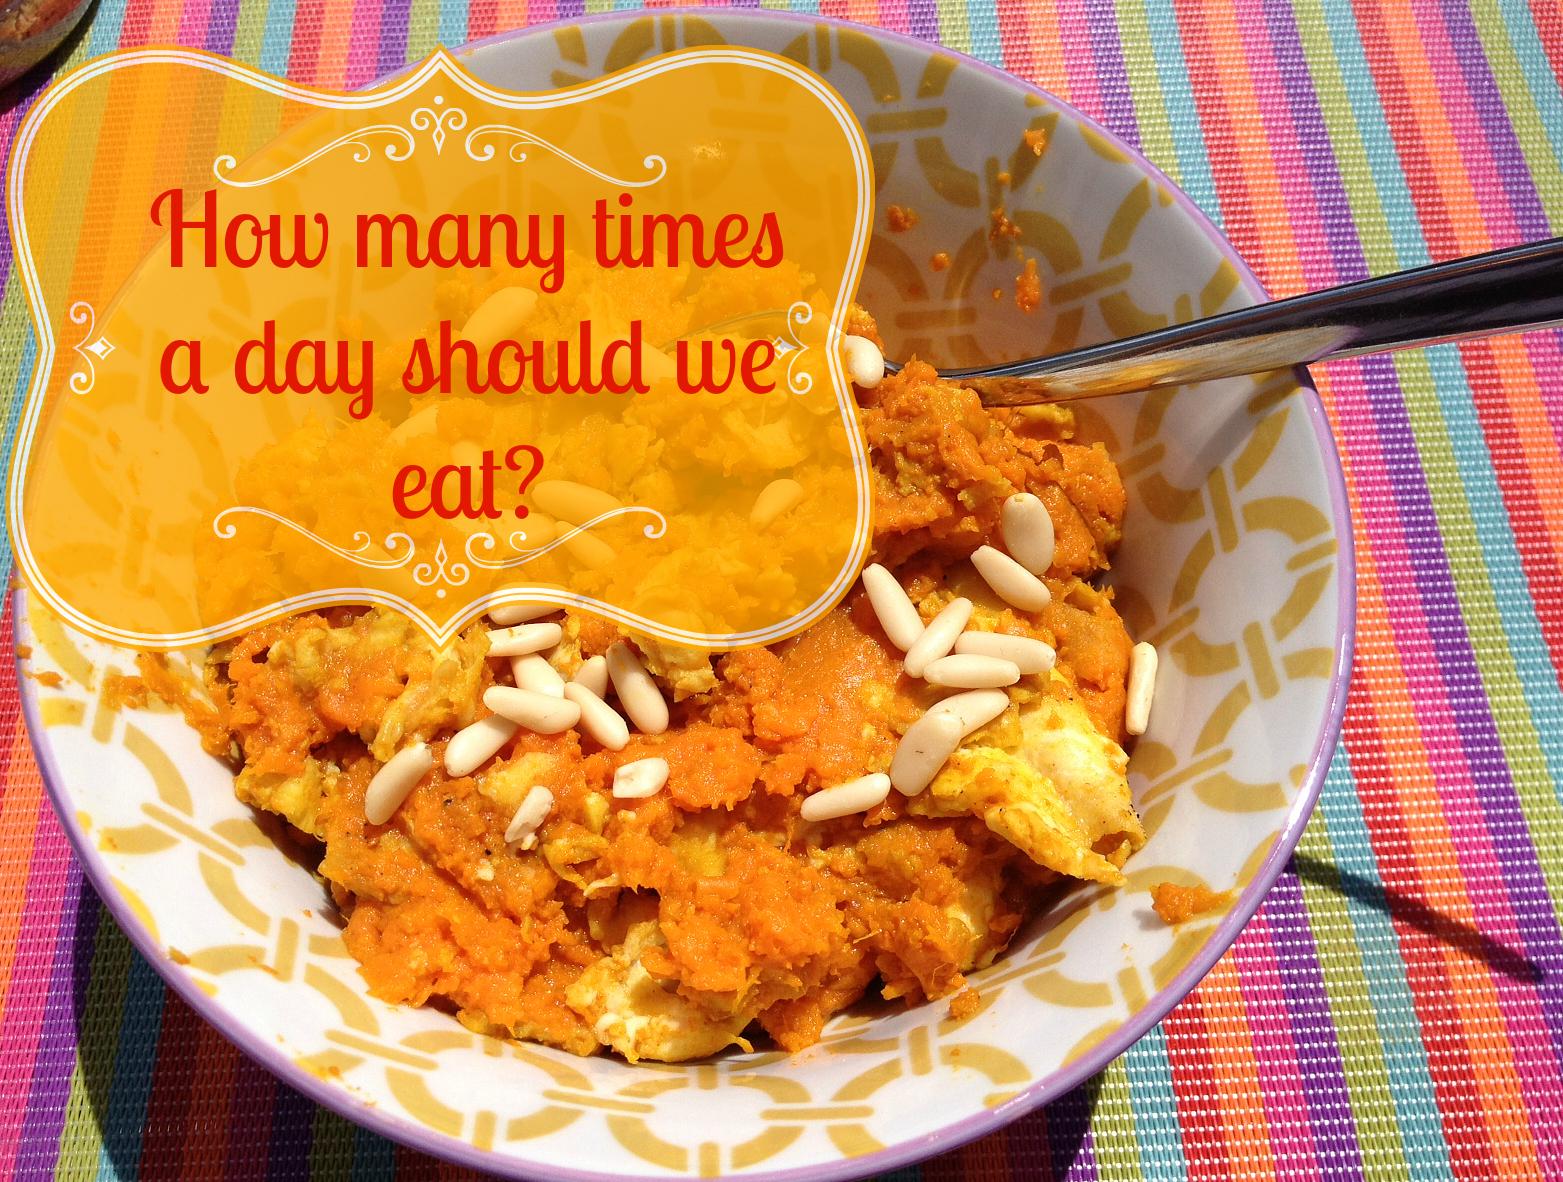 How often should we eat